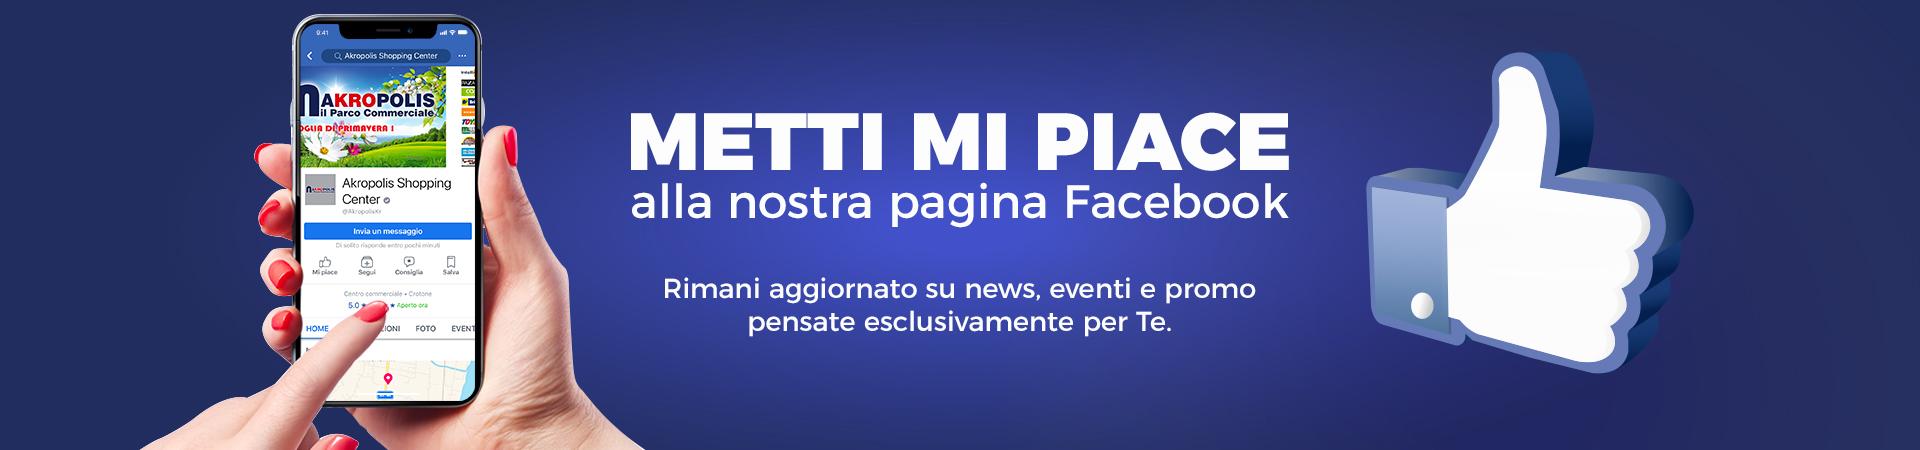 banner-social-network